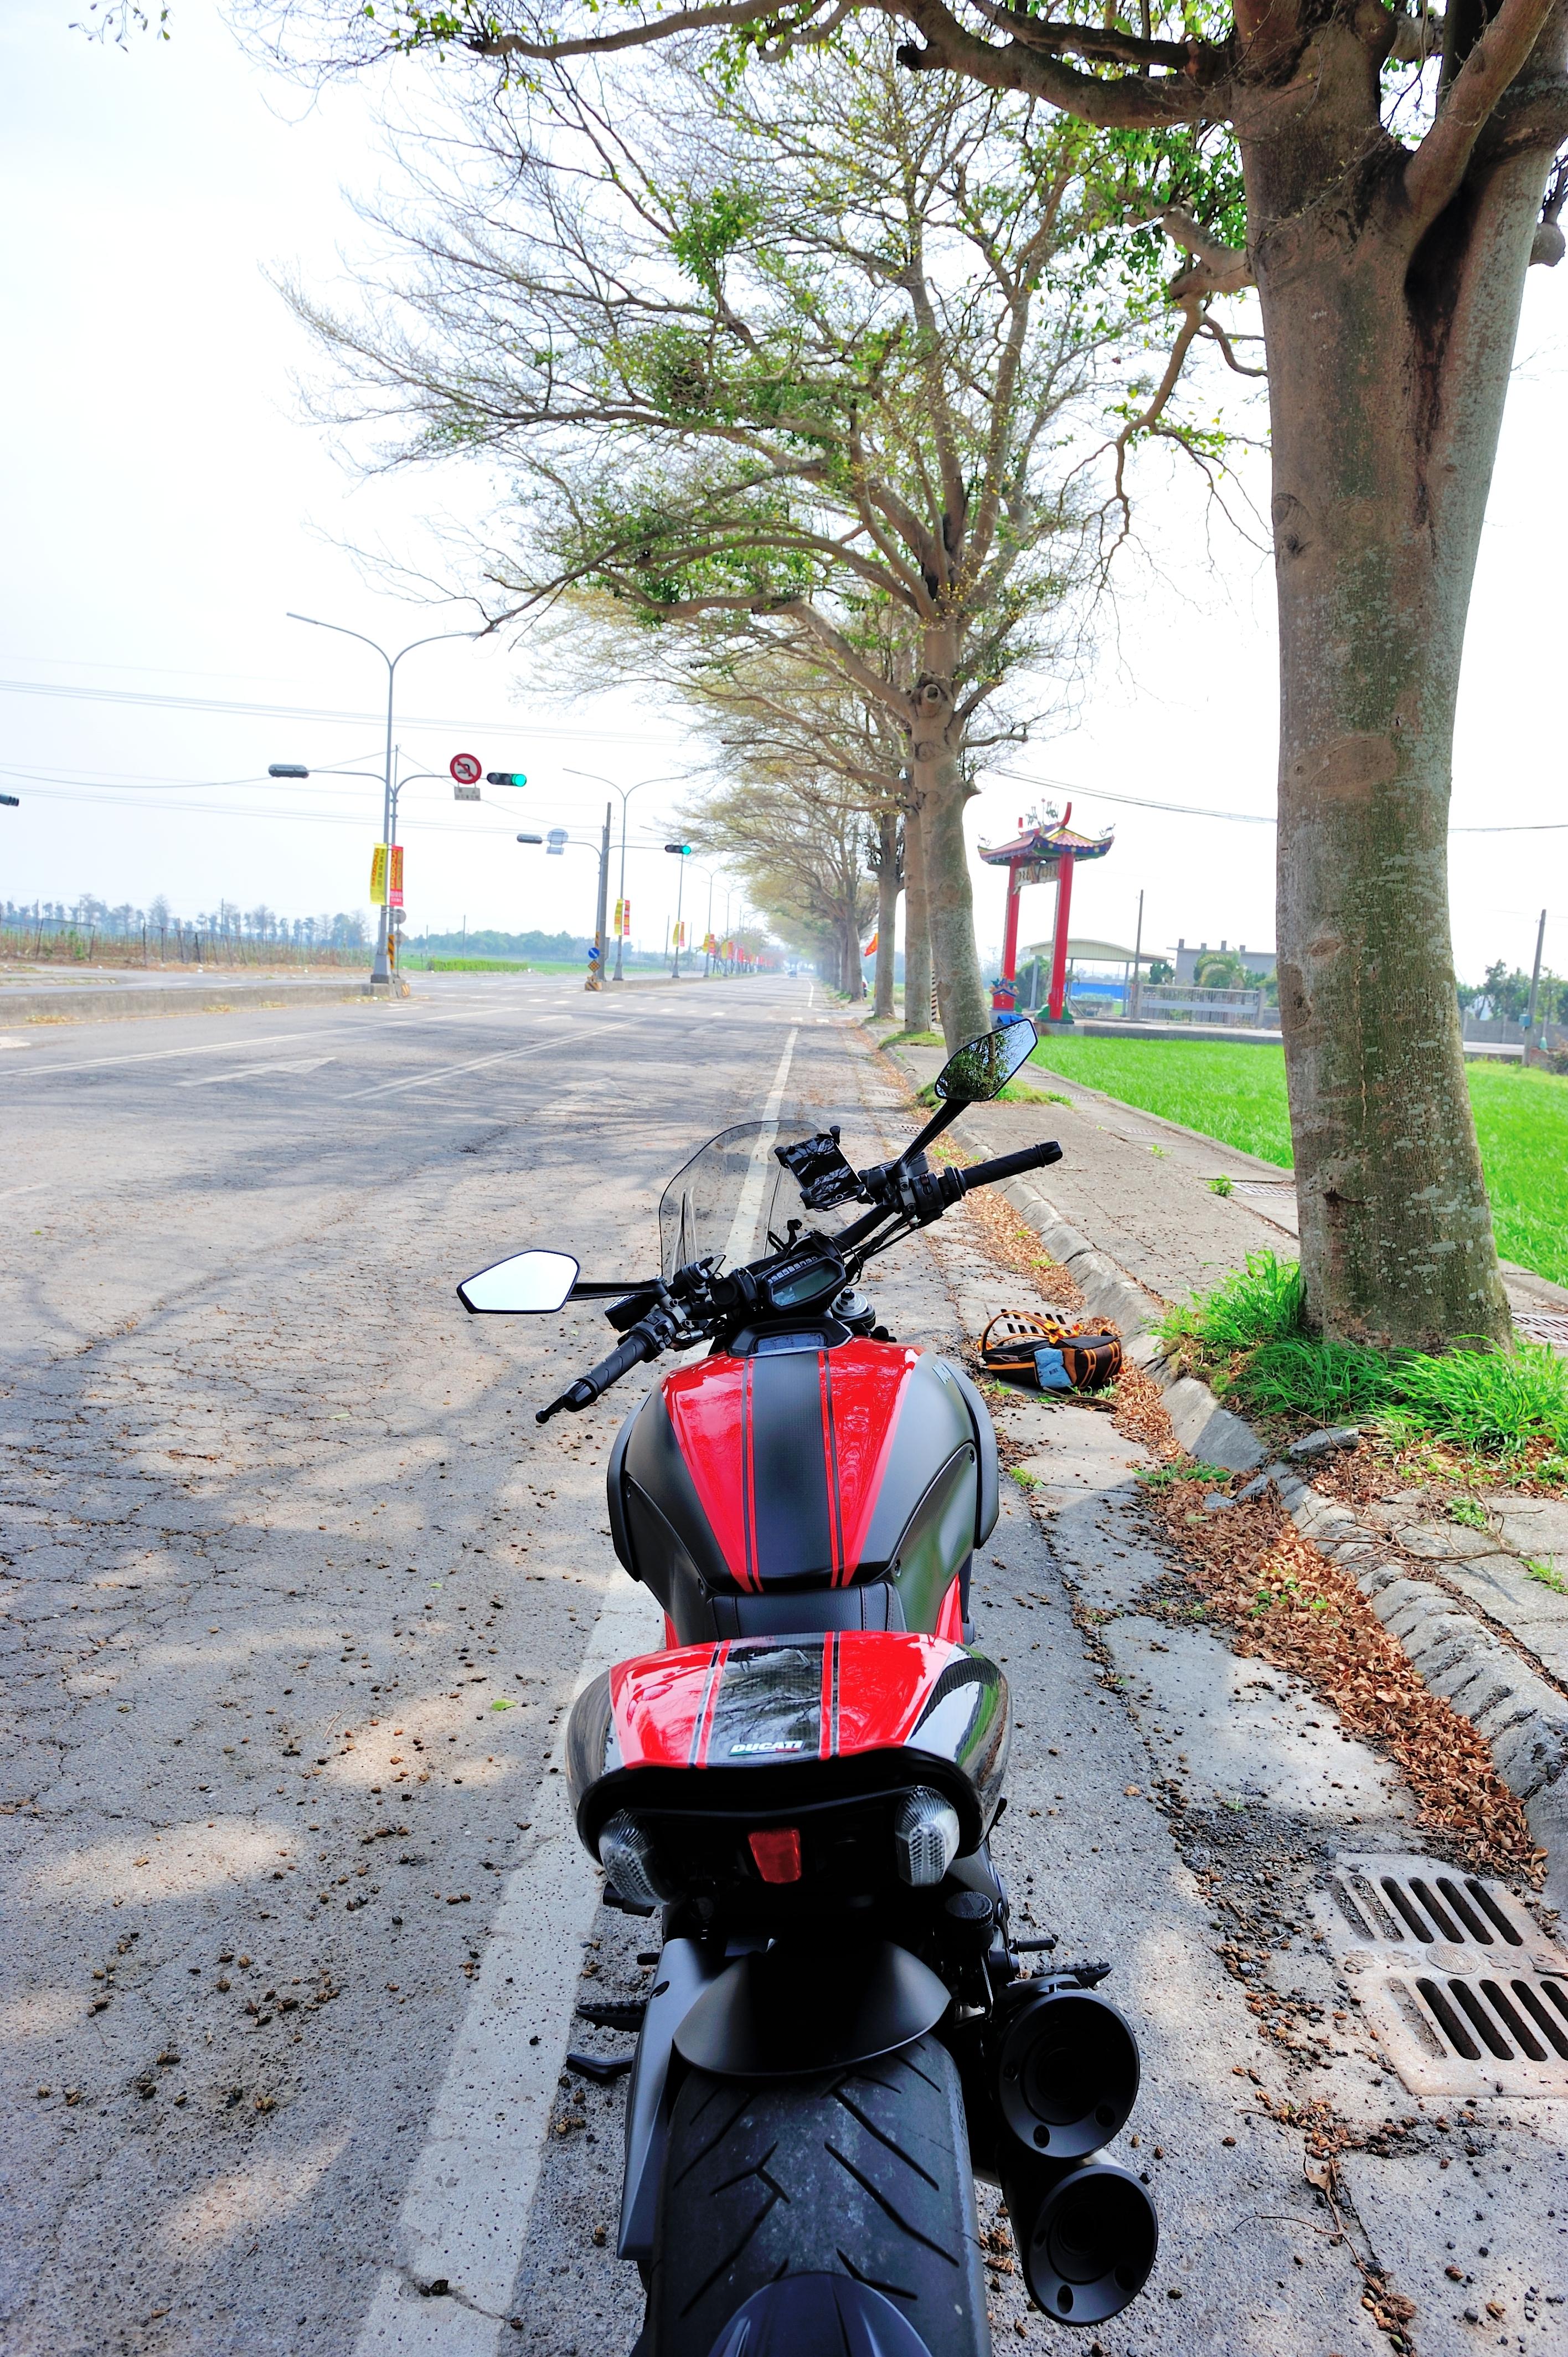 请问买车前的准备动作(恶魔Ducati Diavel 已败入)